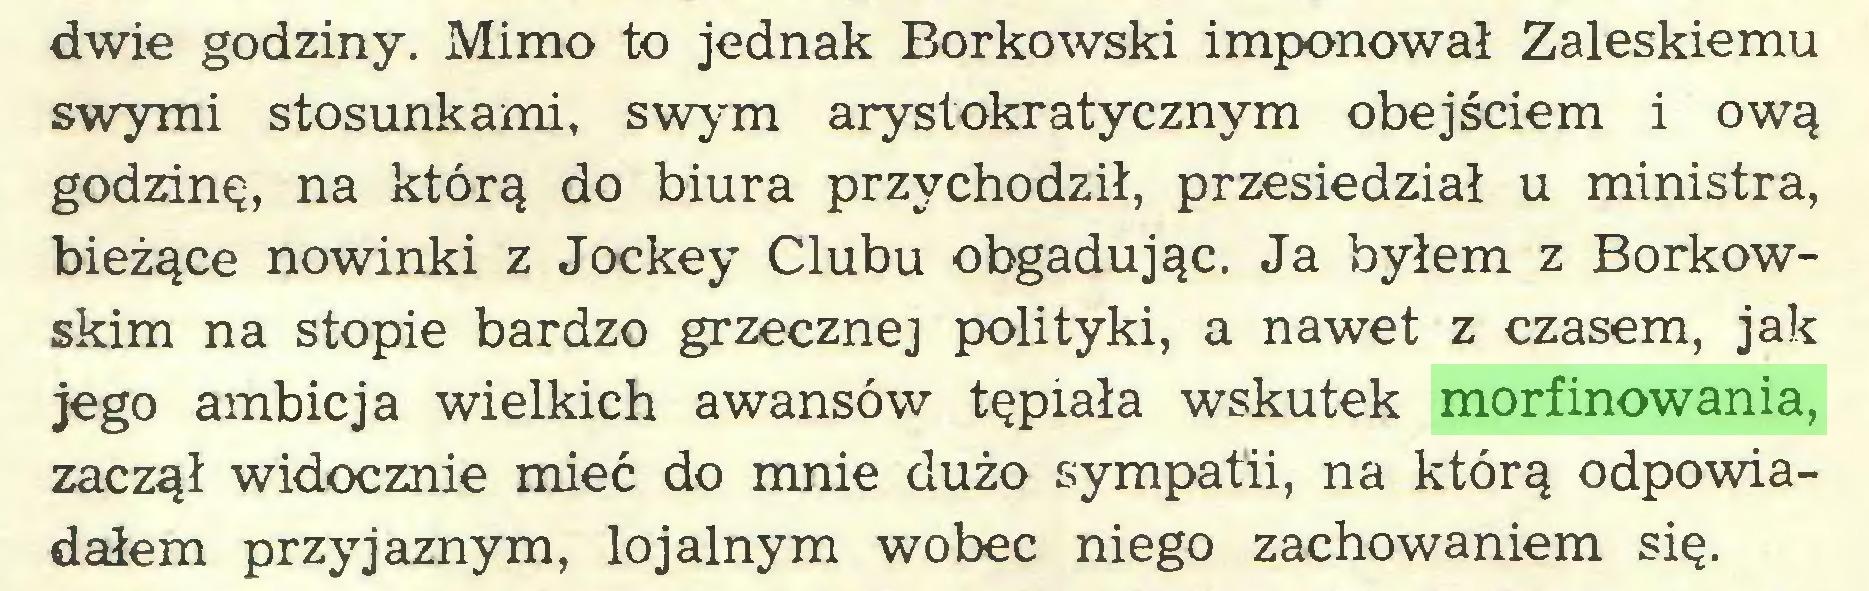 (...) dwie godziny. Mimo to jednak Borkowski imponował Zaleskiemu swymi stosunkami, swym arystokratycznym obejściem i ową godzinę, na którą do biura przychodził, przesiedział u ministra, bieżące nowinki z Jockey Clubu obgadując. Ja byłem z Borkowskim na stopie bardzo grzeczne] polityki, a nawet z czasem, jak jego ambicja wielkich awansów tępiała wskutek morfinowania, zaczął widocznie mieć do mnie dużo sympatii, na którą odpowiadałem przyjaznym, lojalnym wobec niego zachowaniem się...